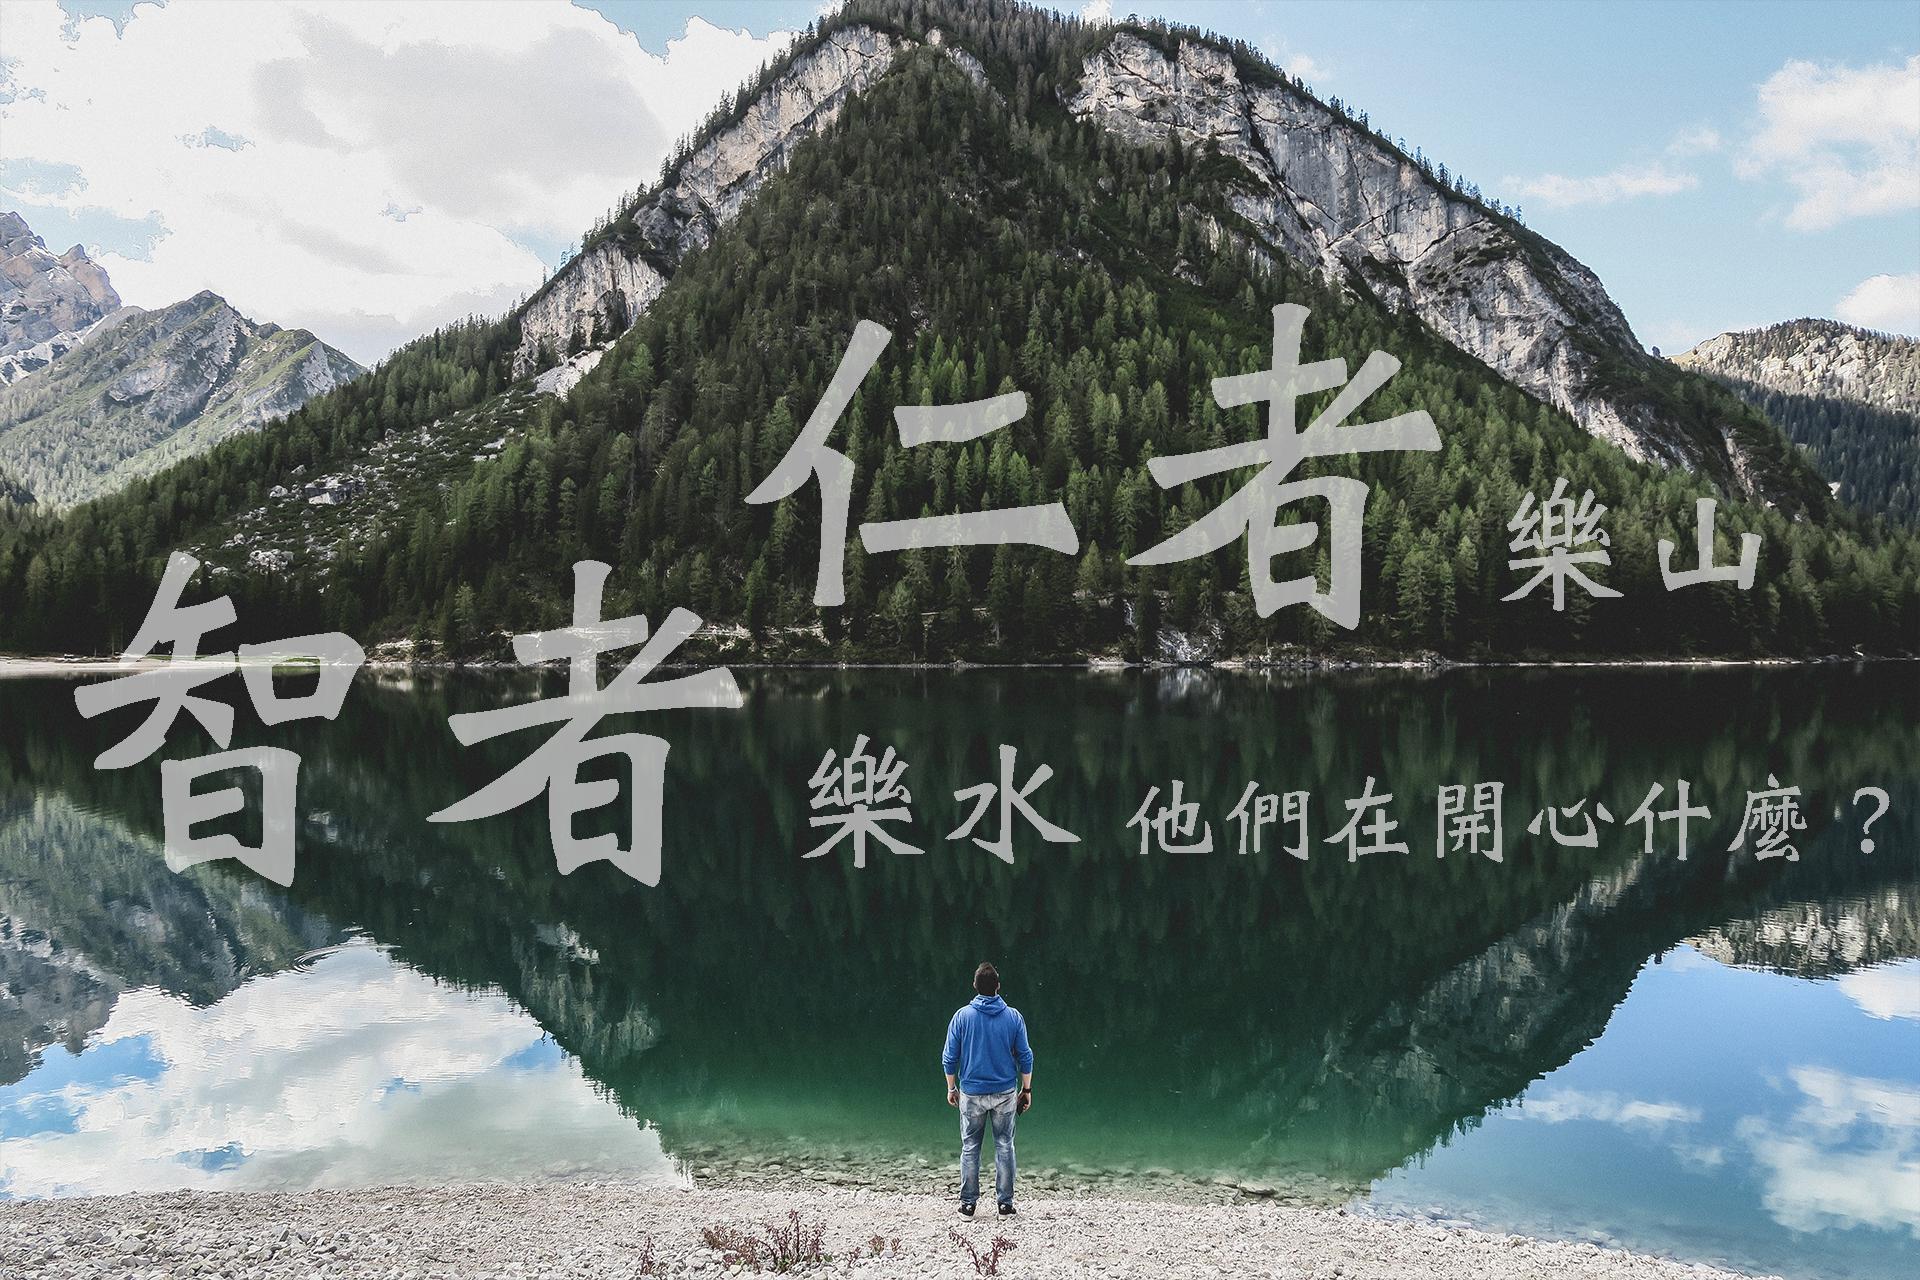 [論語]智者樂水,仁者樂山:他們到底在開心什麼?